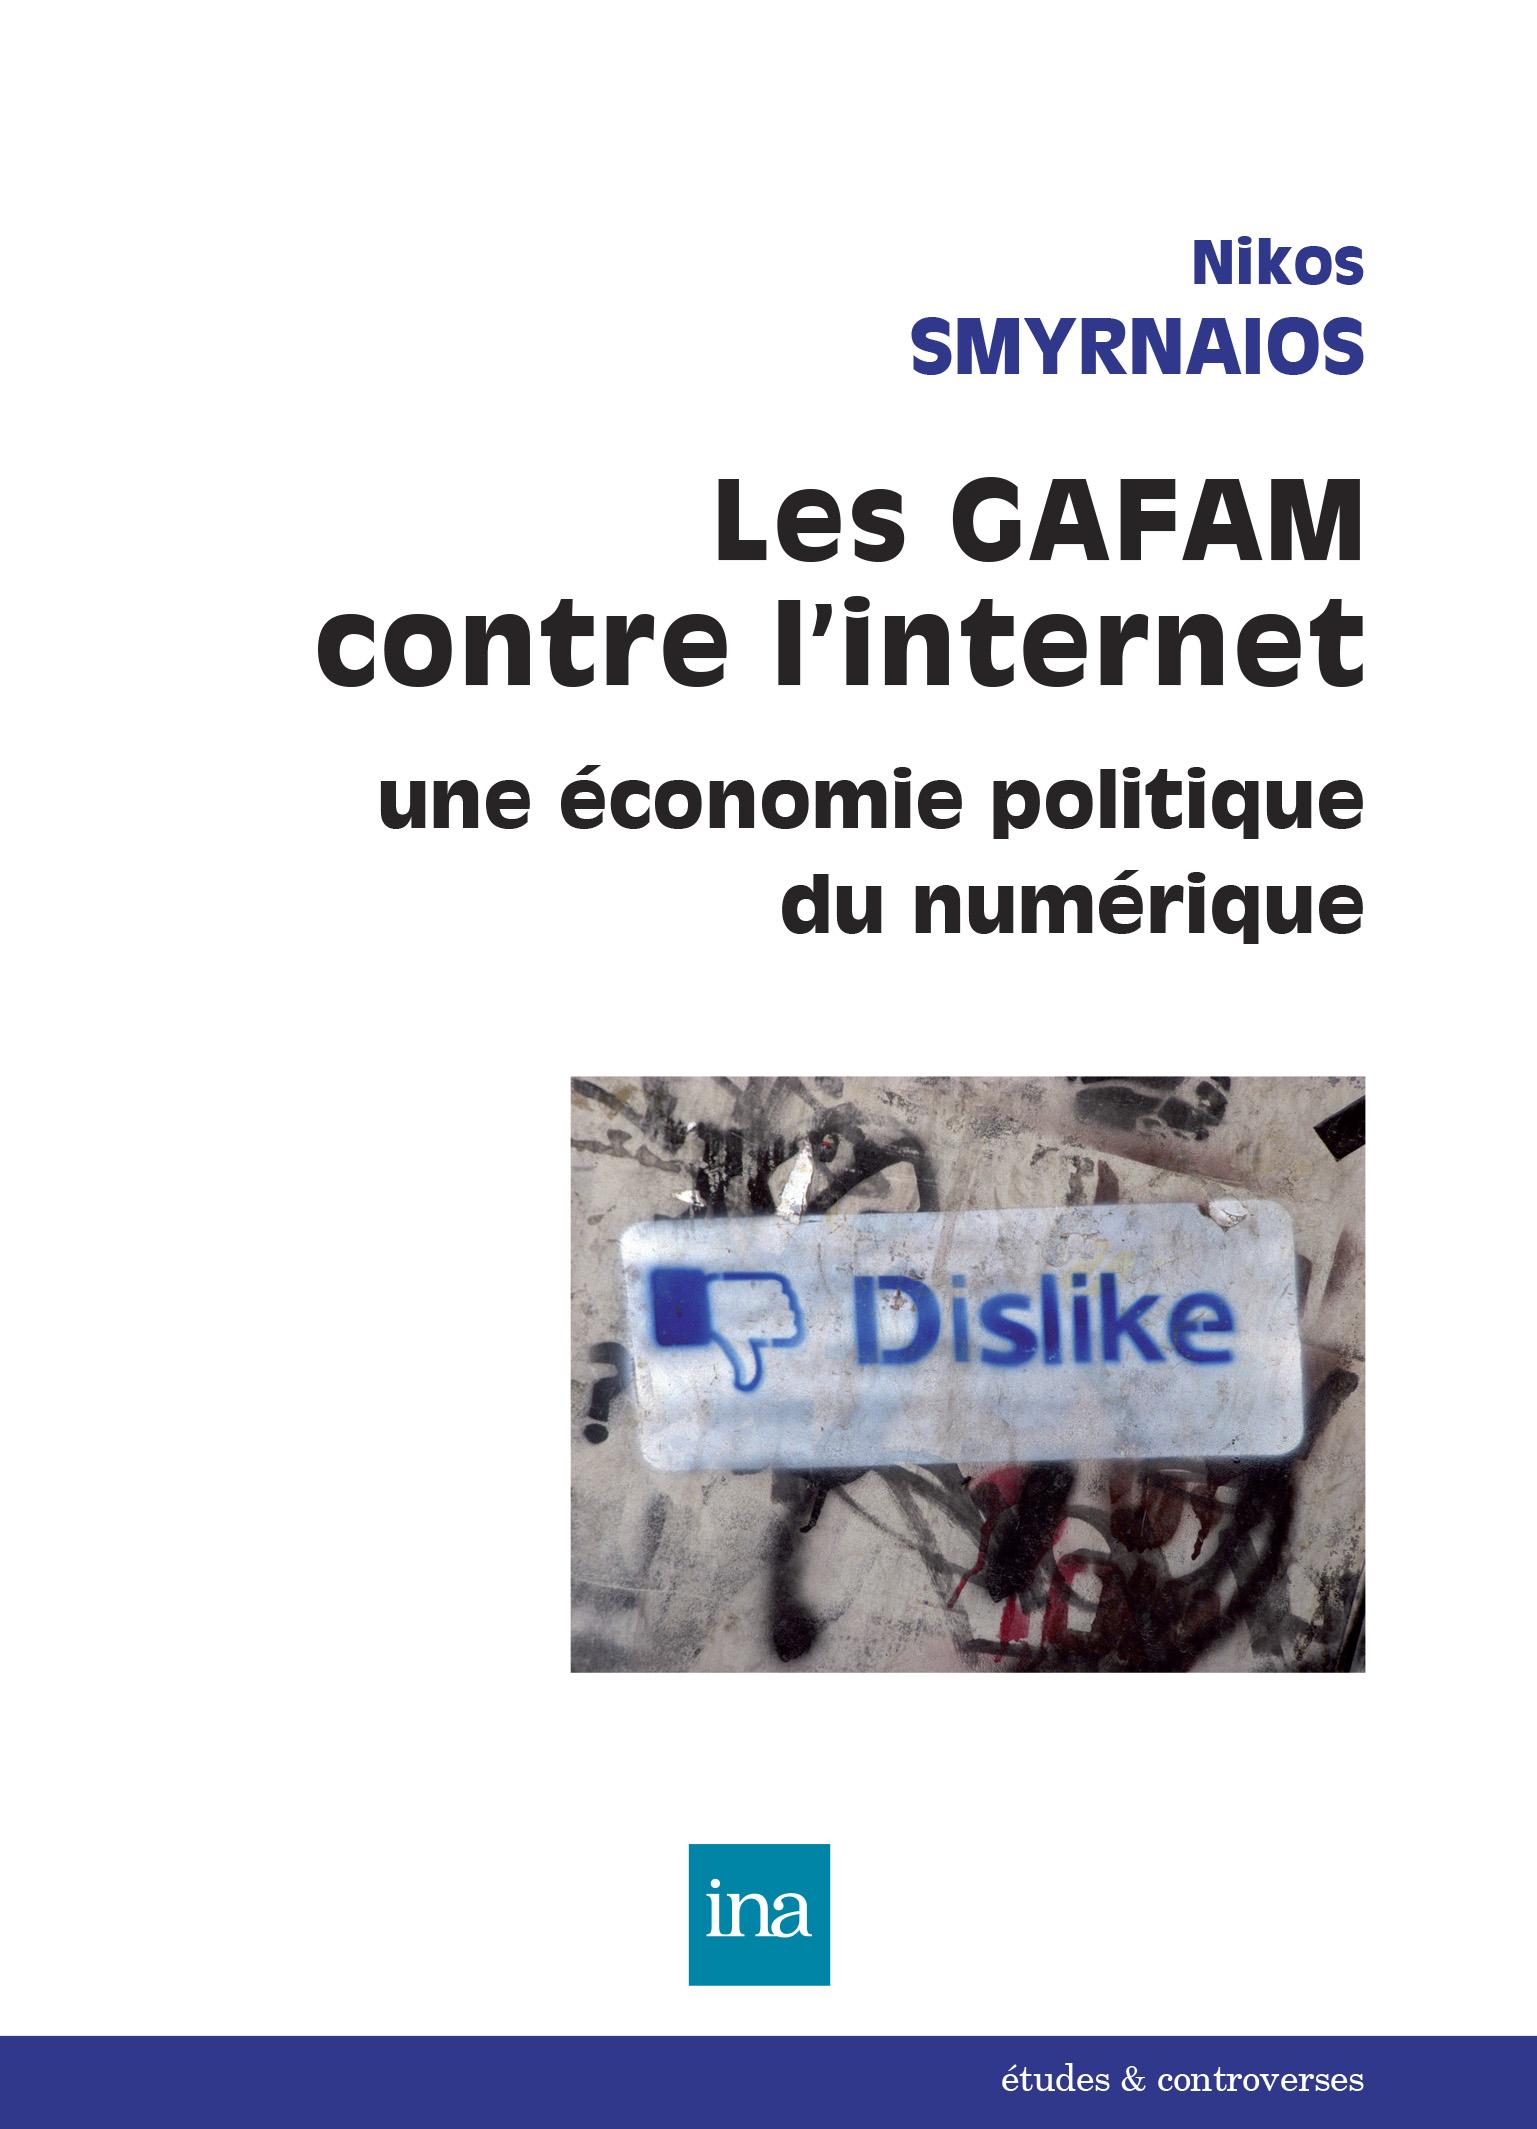 Les GAFAM contre l'internet